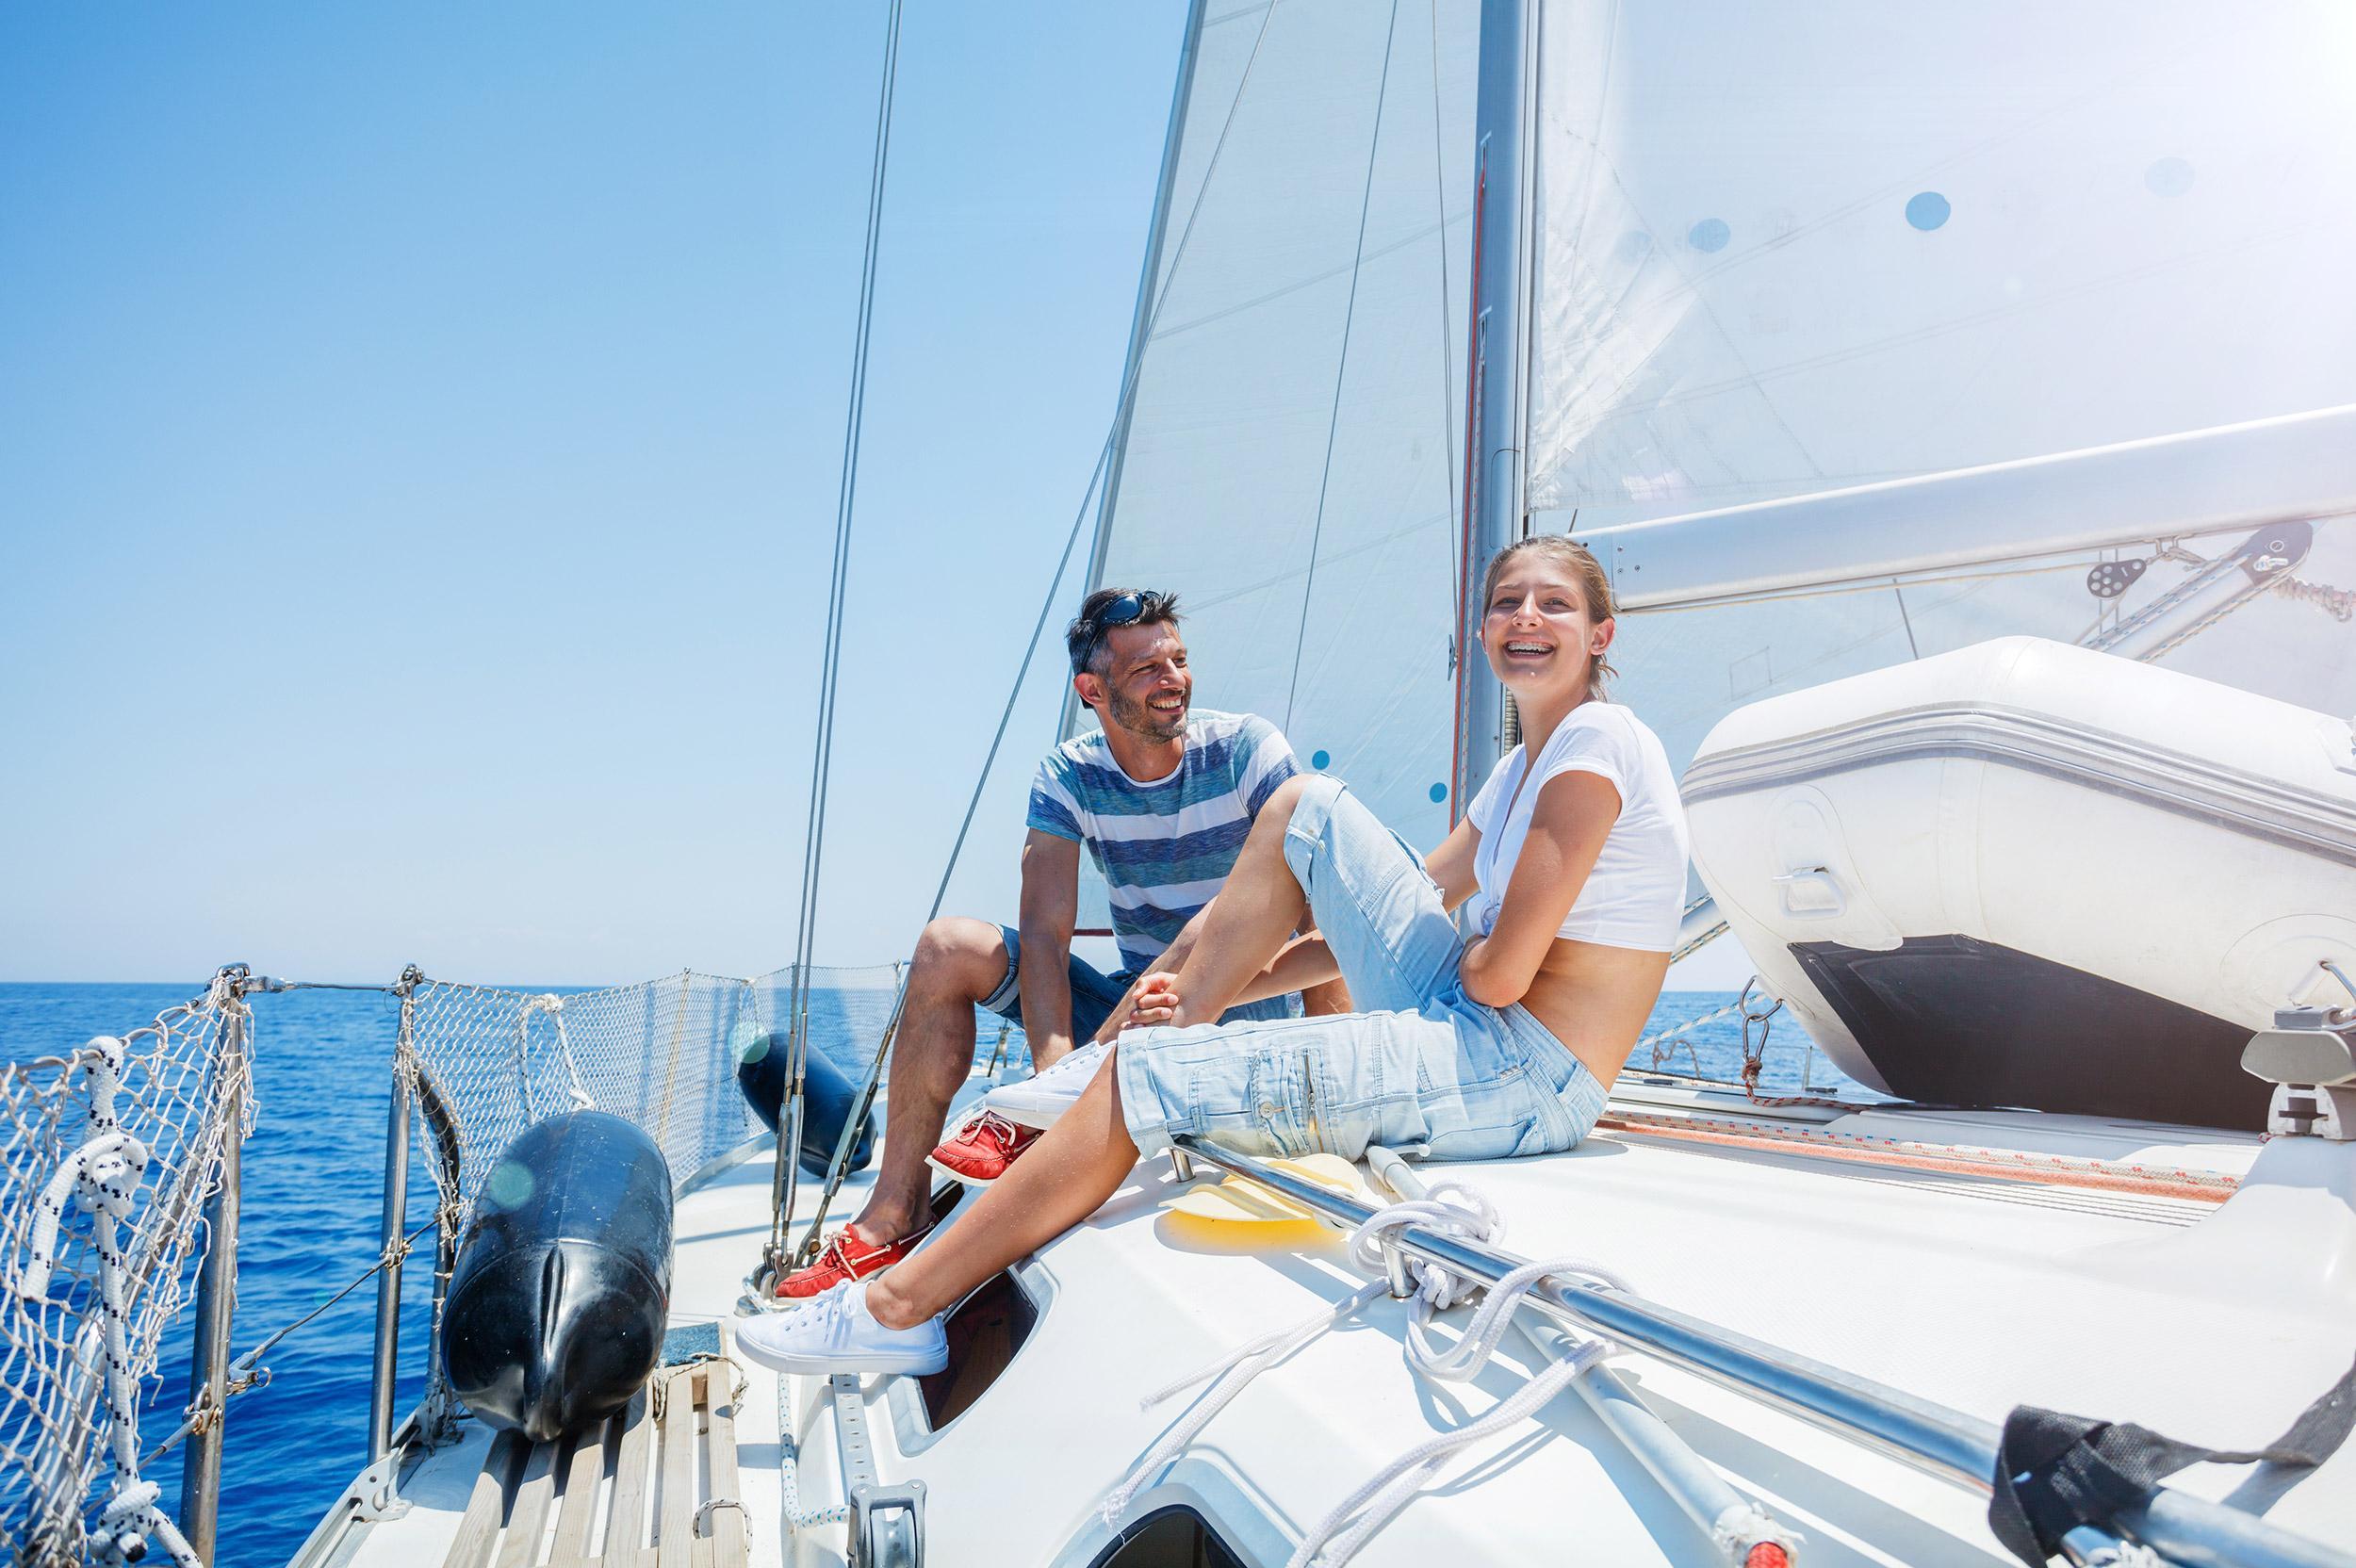 Muškarac i žena na jedrenjaku na moru